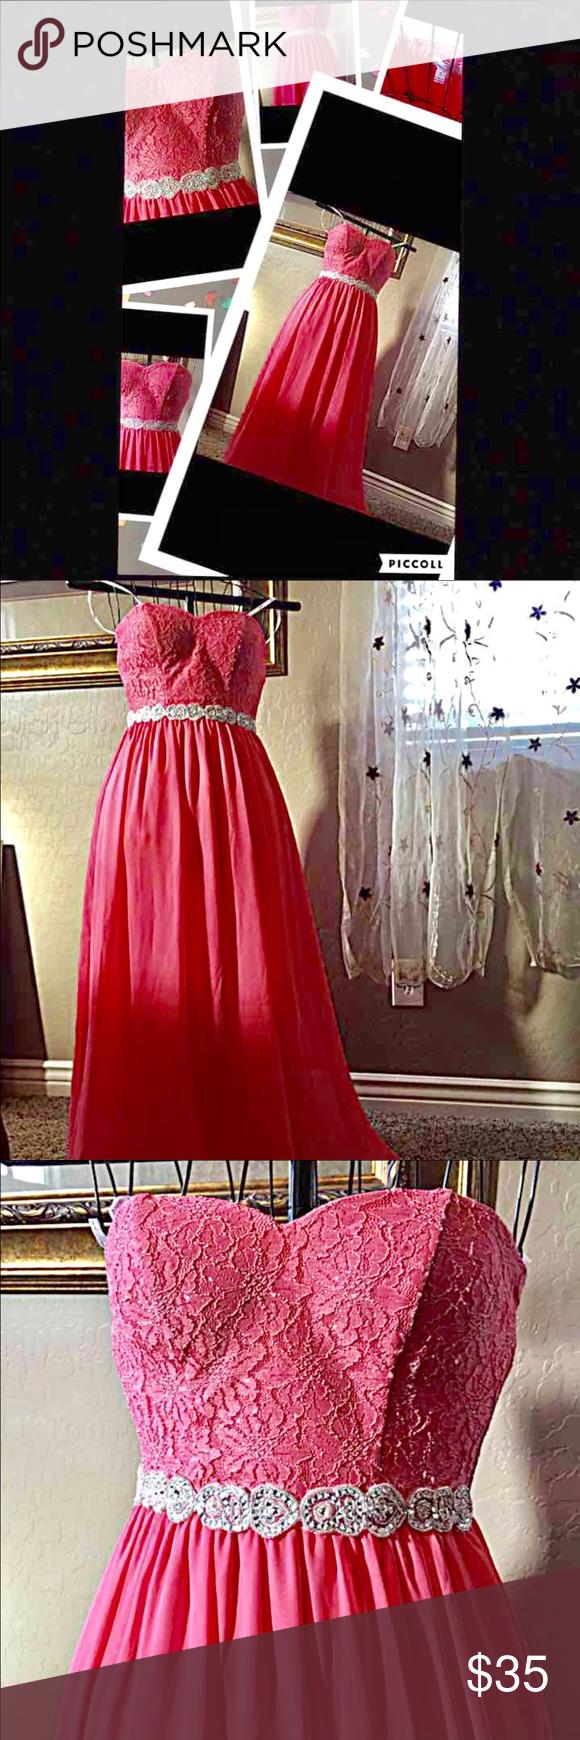 s o l d my posh picks pinterest windsor fc dress